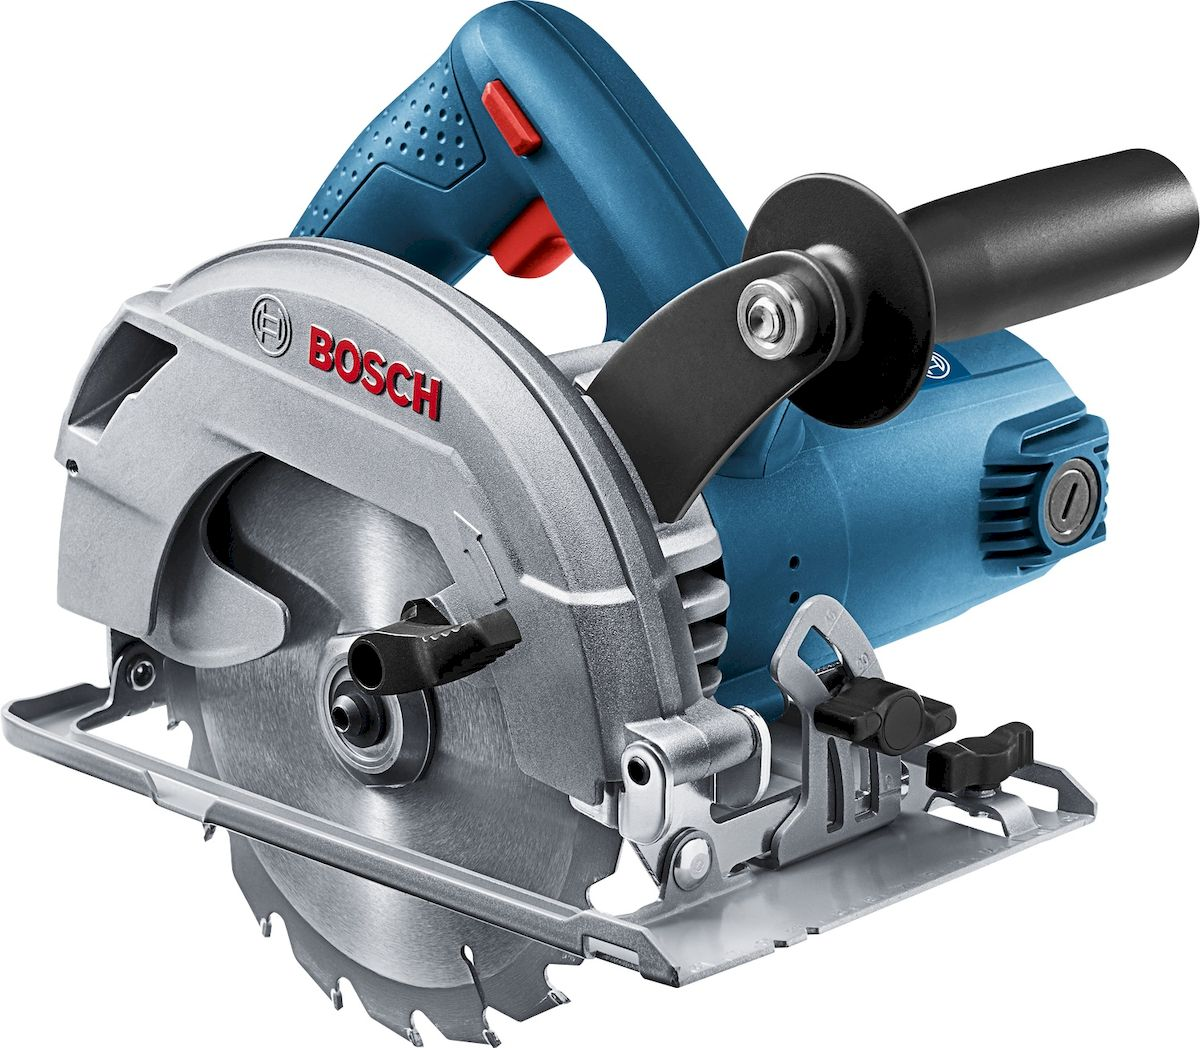 Циркулярная пила Bosch GKS 600. 06016A9020 кабошон родонит 9 30 мм